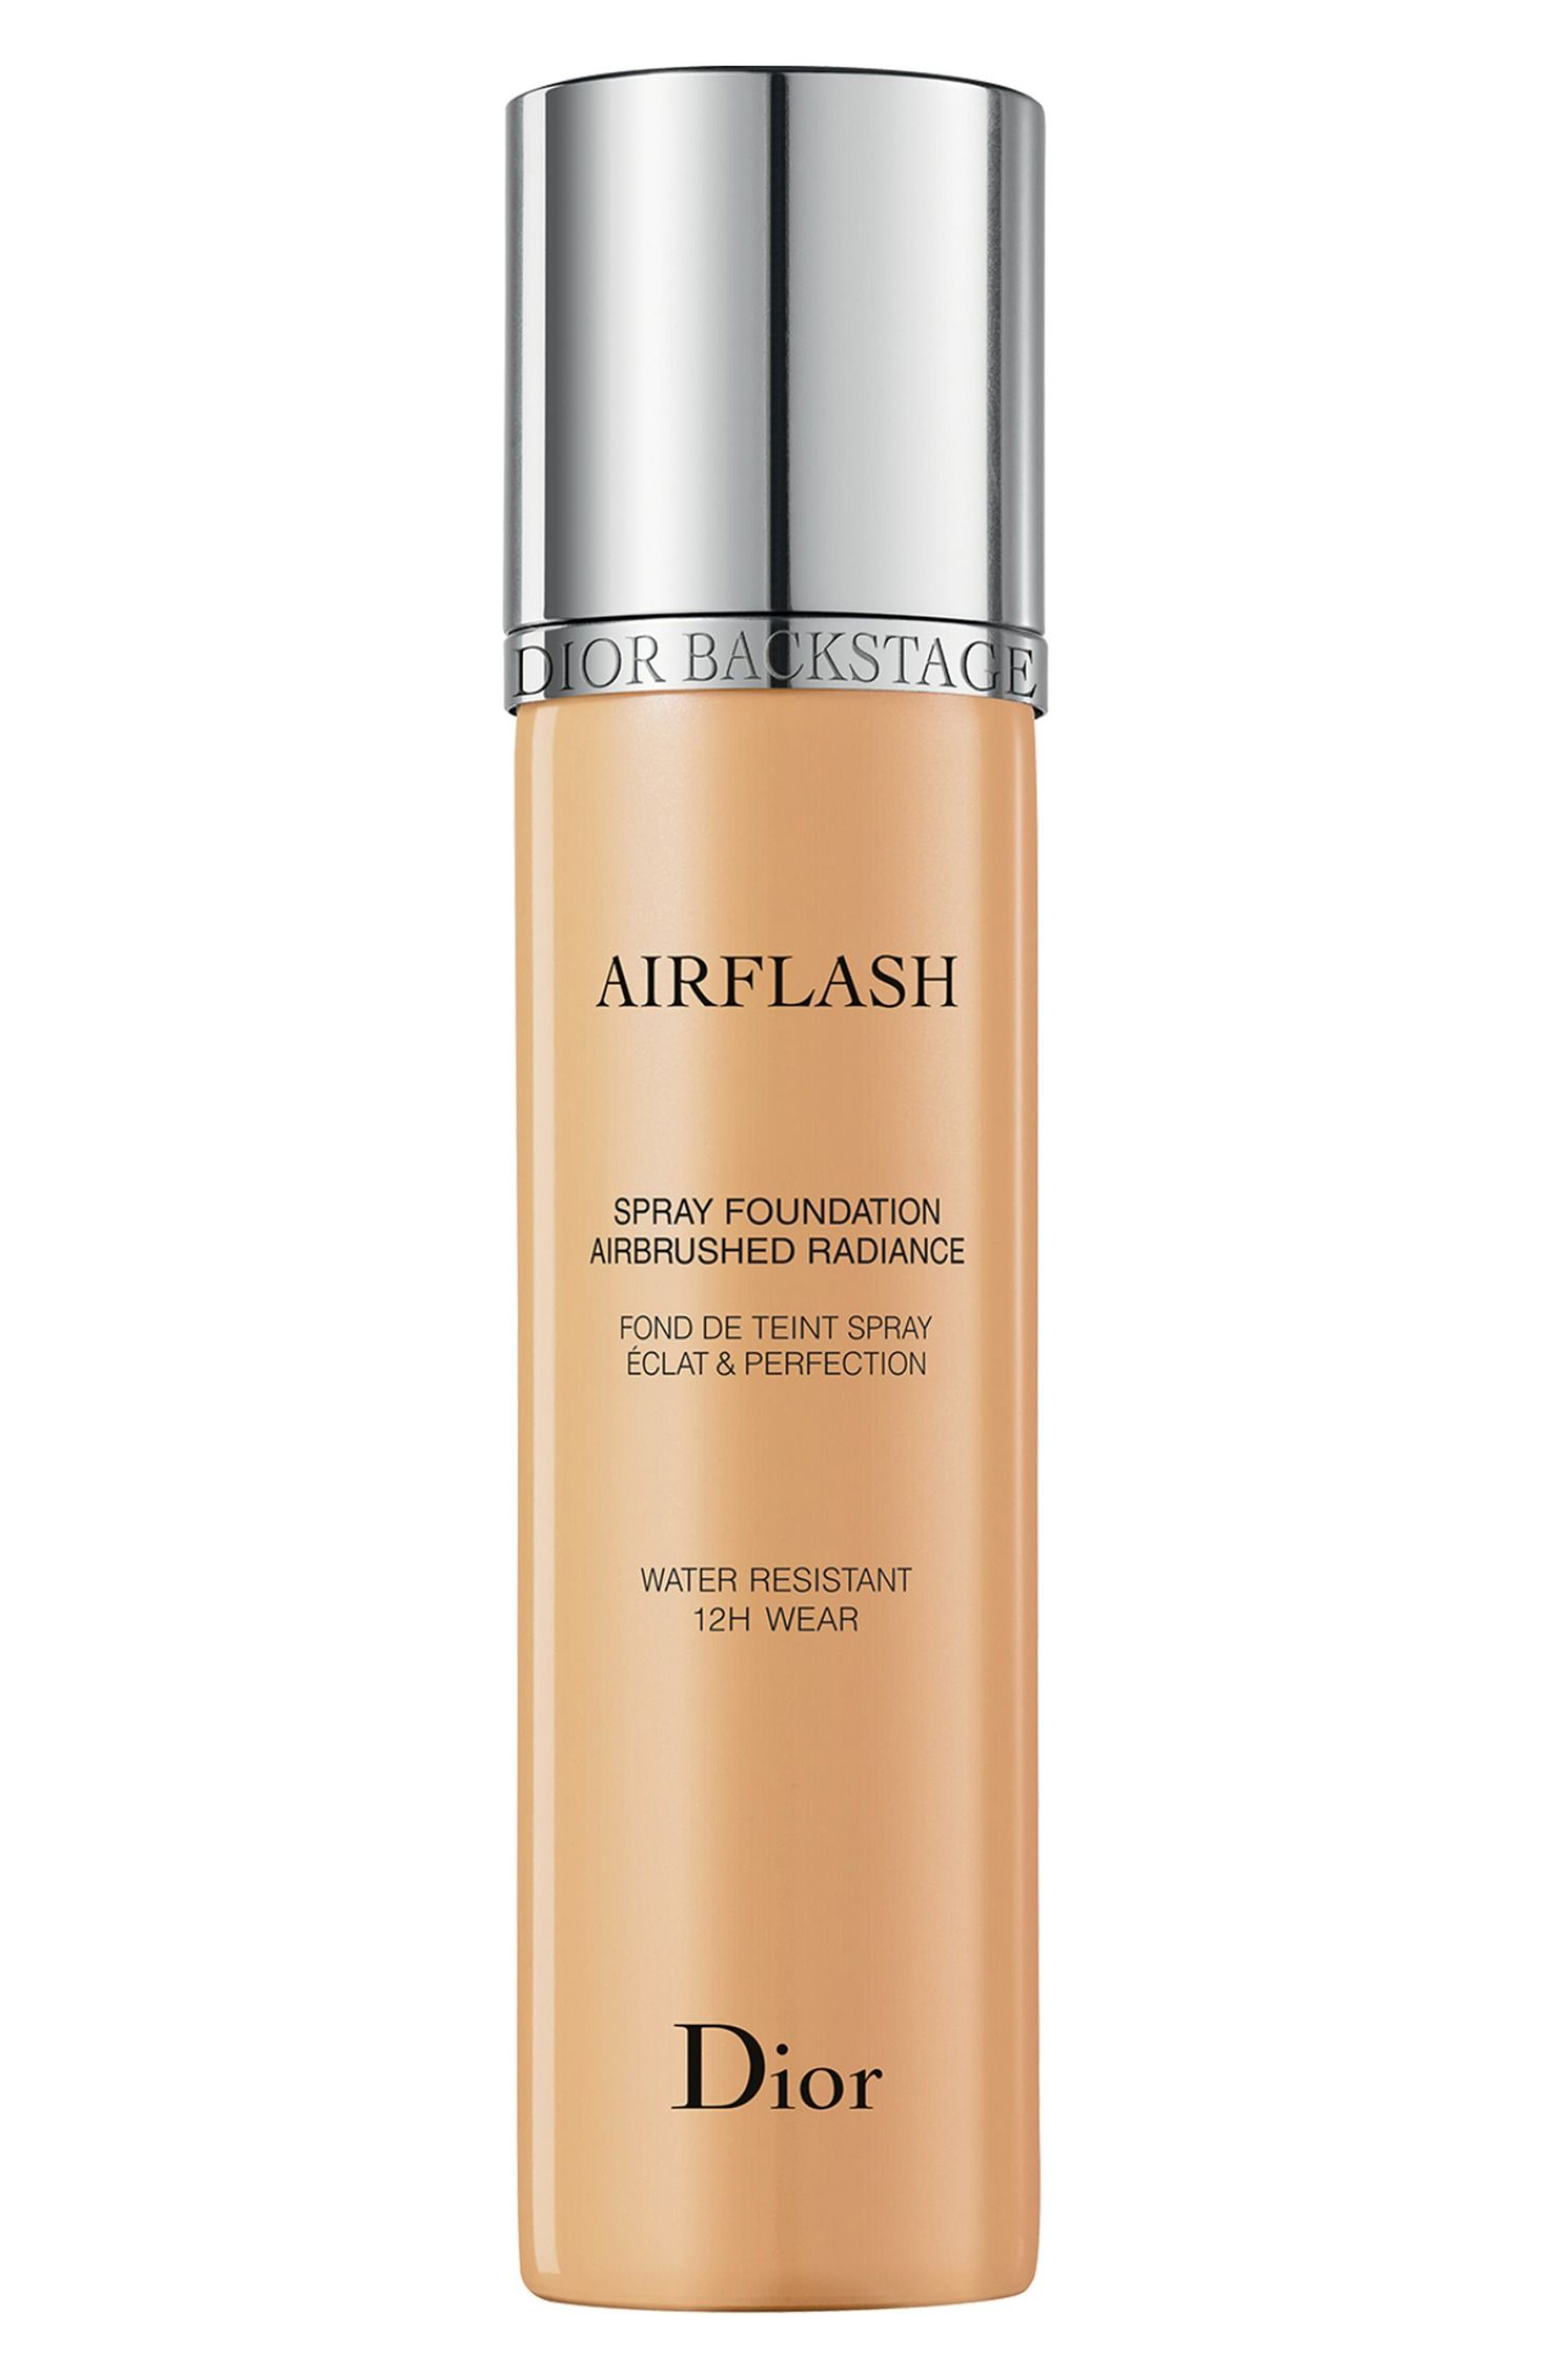 Dior Diorskin Airflash Spray Foundation - 311 Light Sand